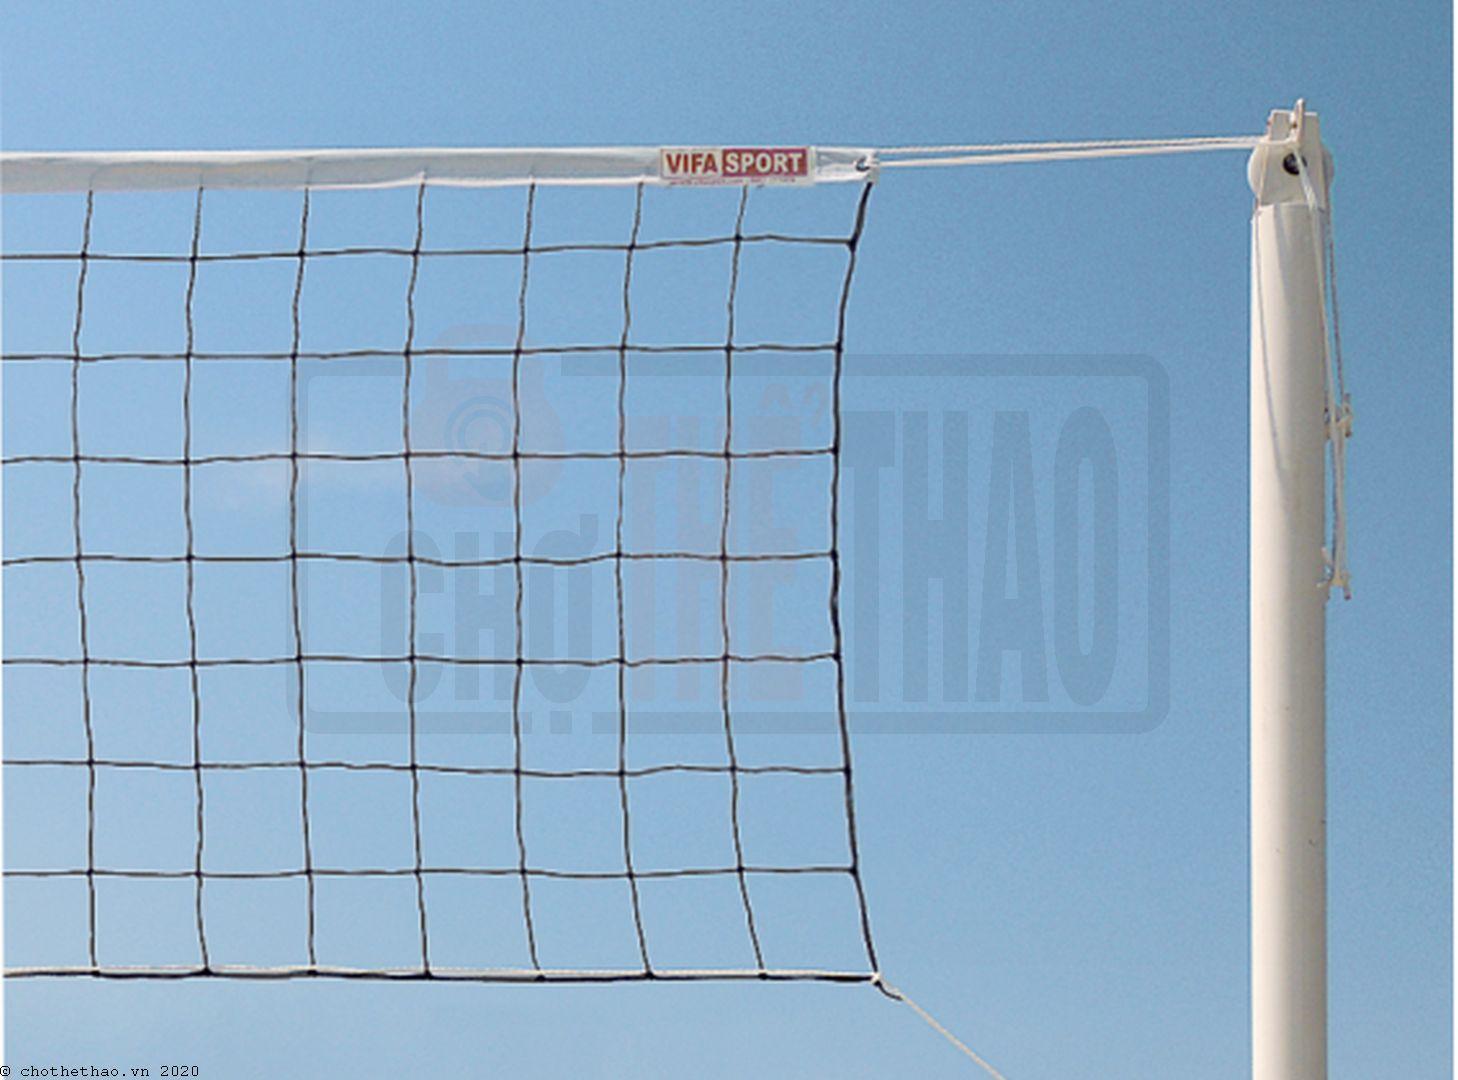 Lưới bóng chuyền 402011S2